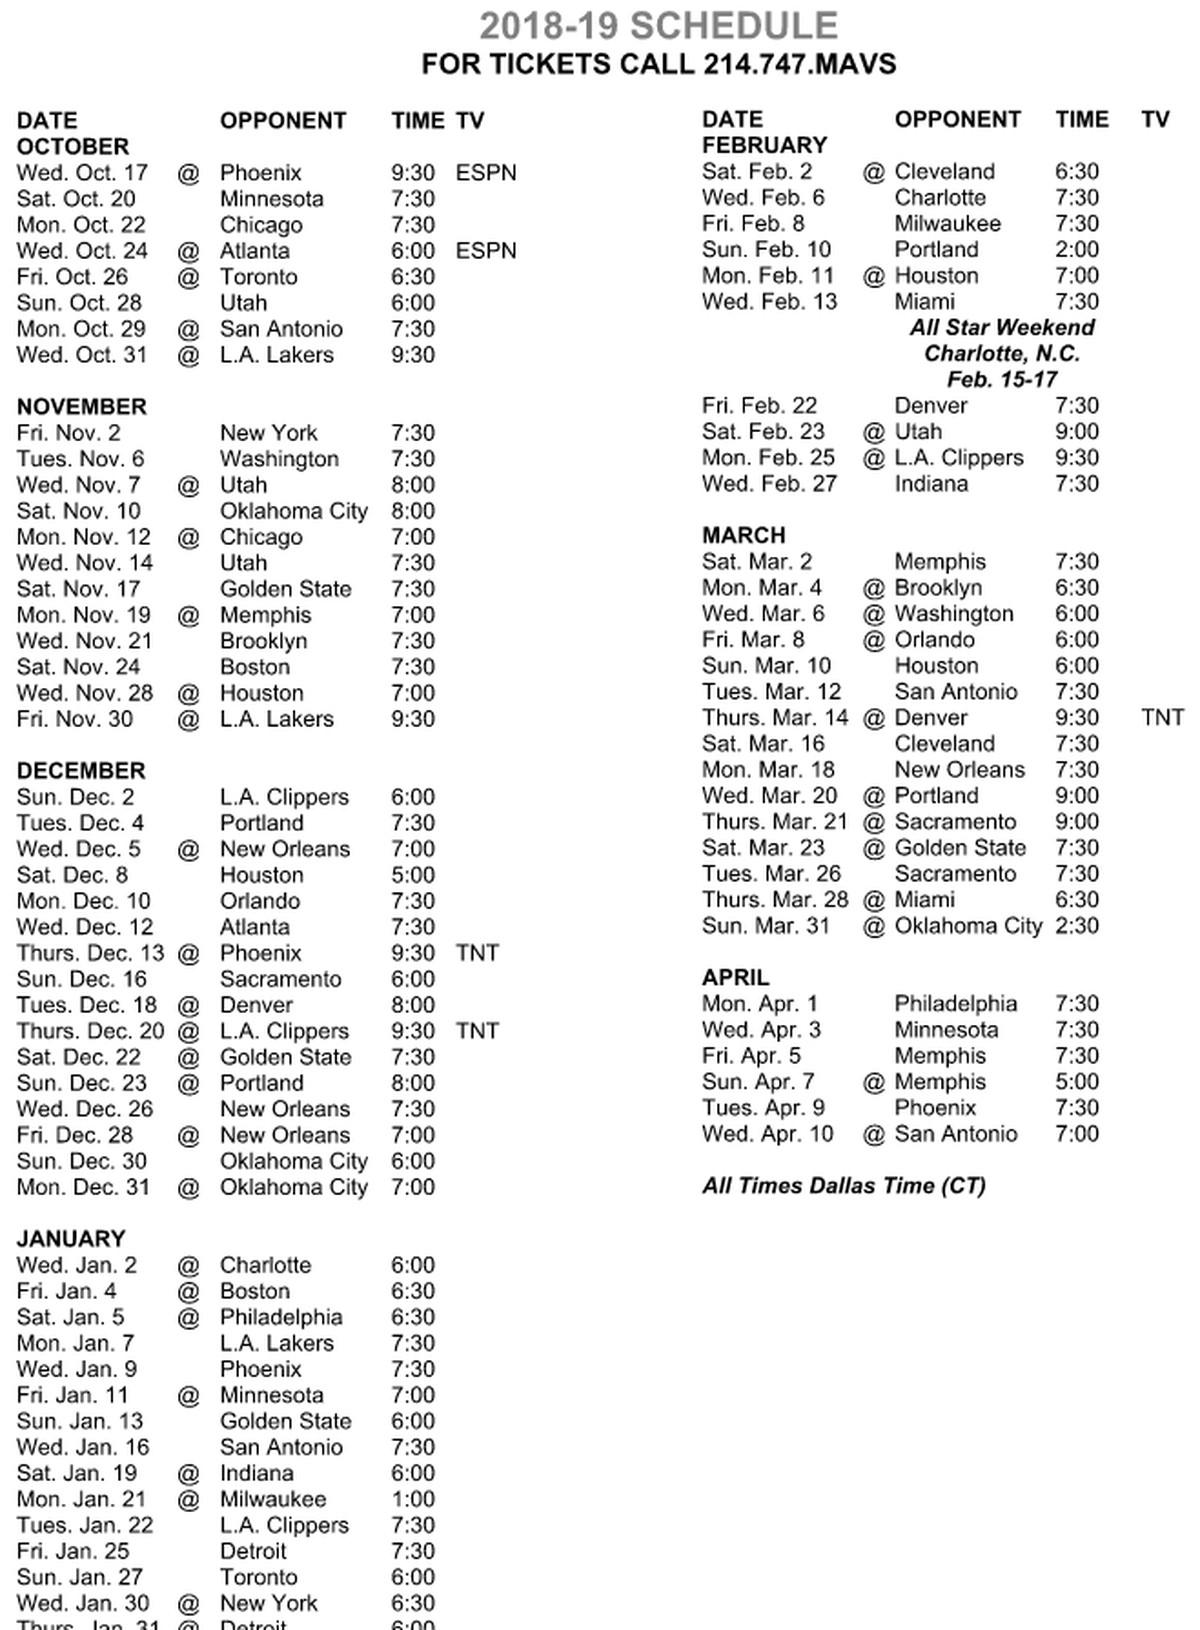 mavs release 18-19 season schedule - dallasmavsnews